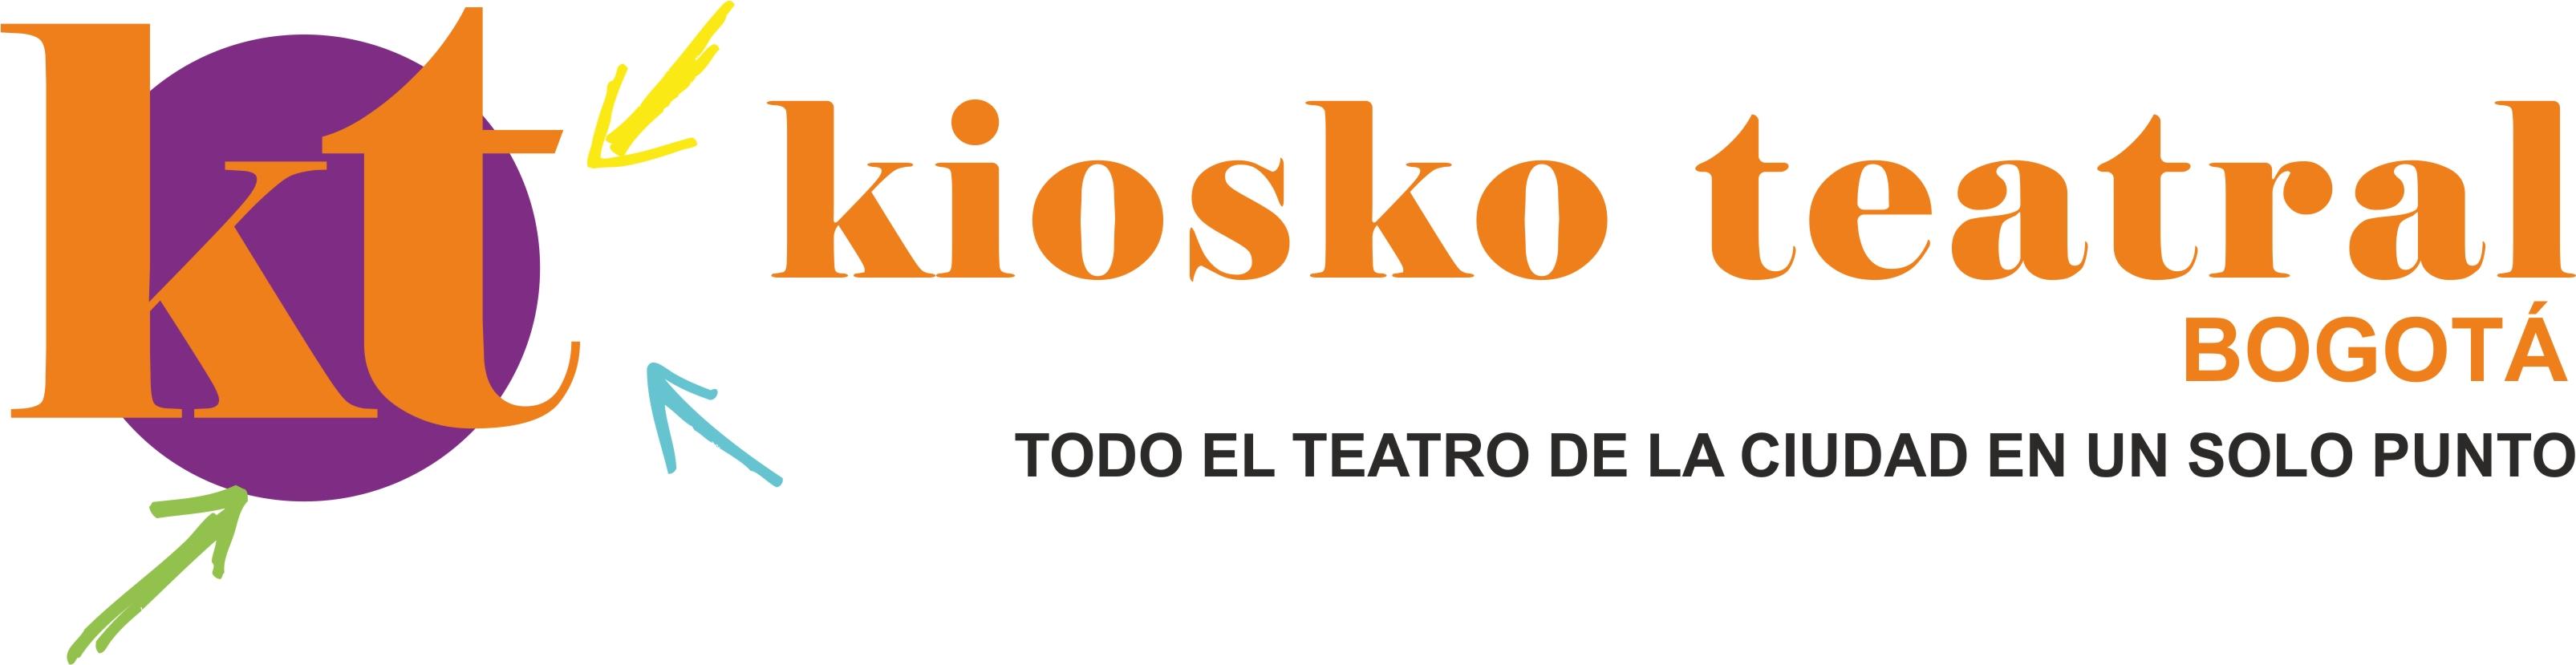 Kiosko Teatral